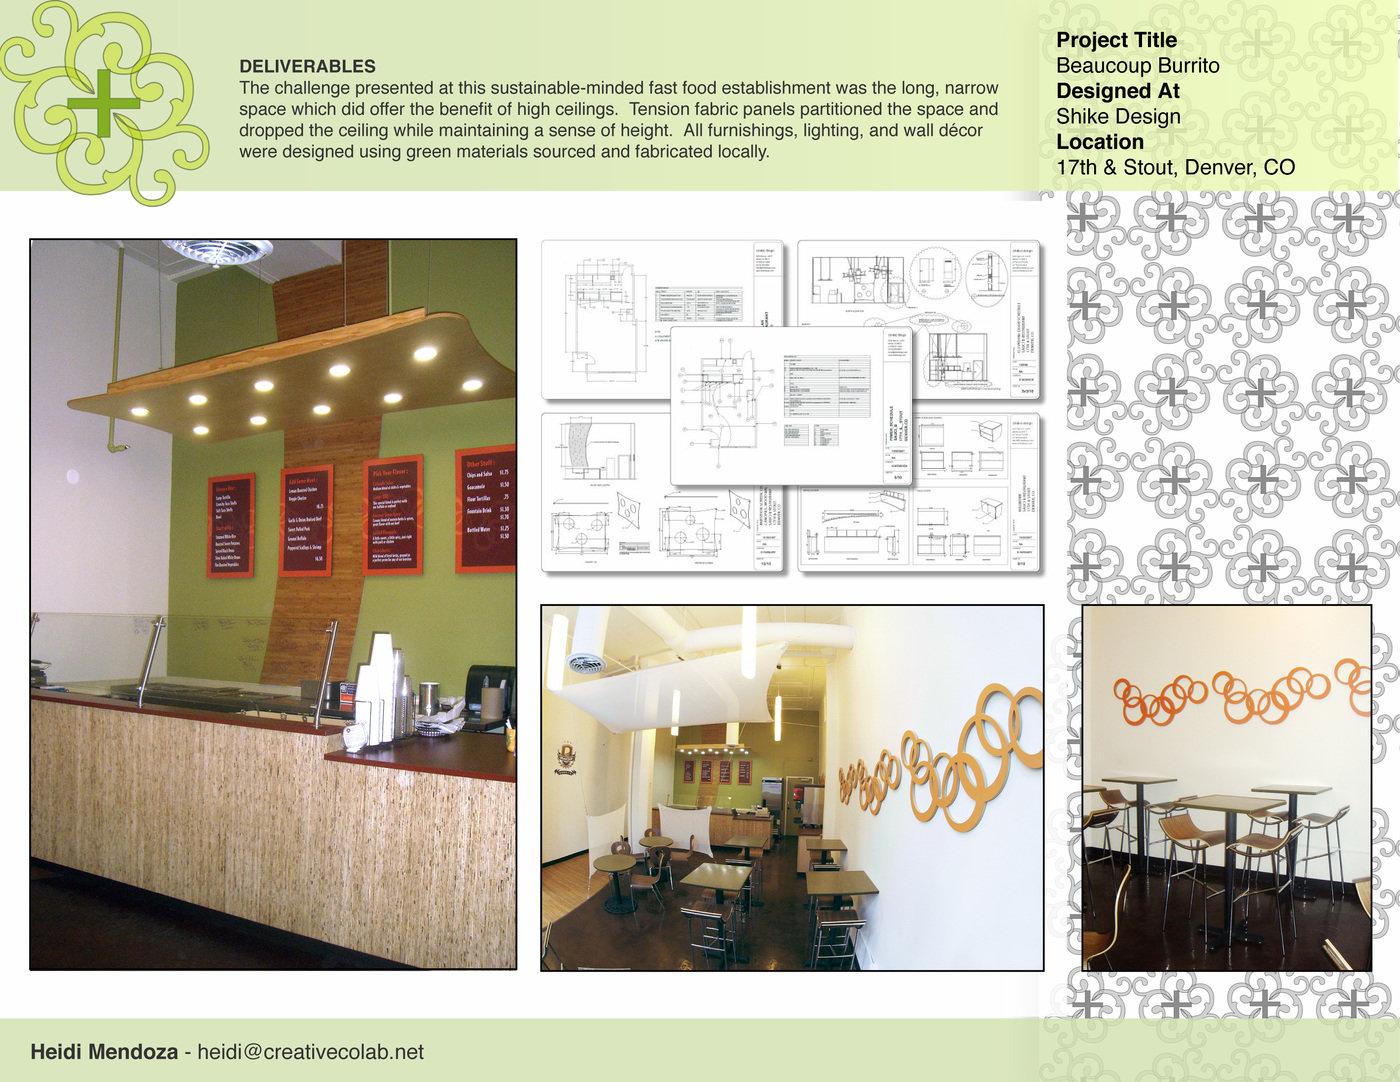 Commercial Interiors By Heidi Mendoza At Coroflot Com